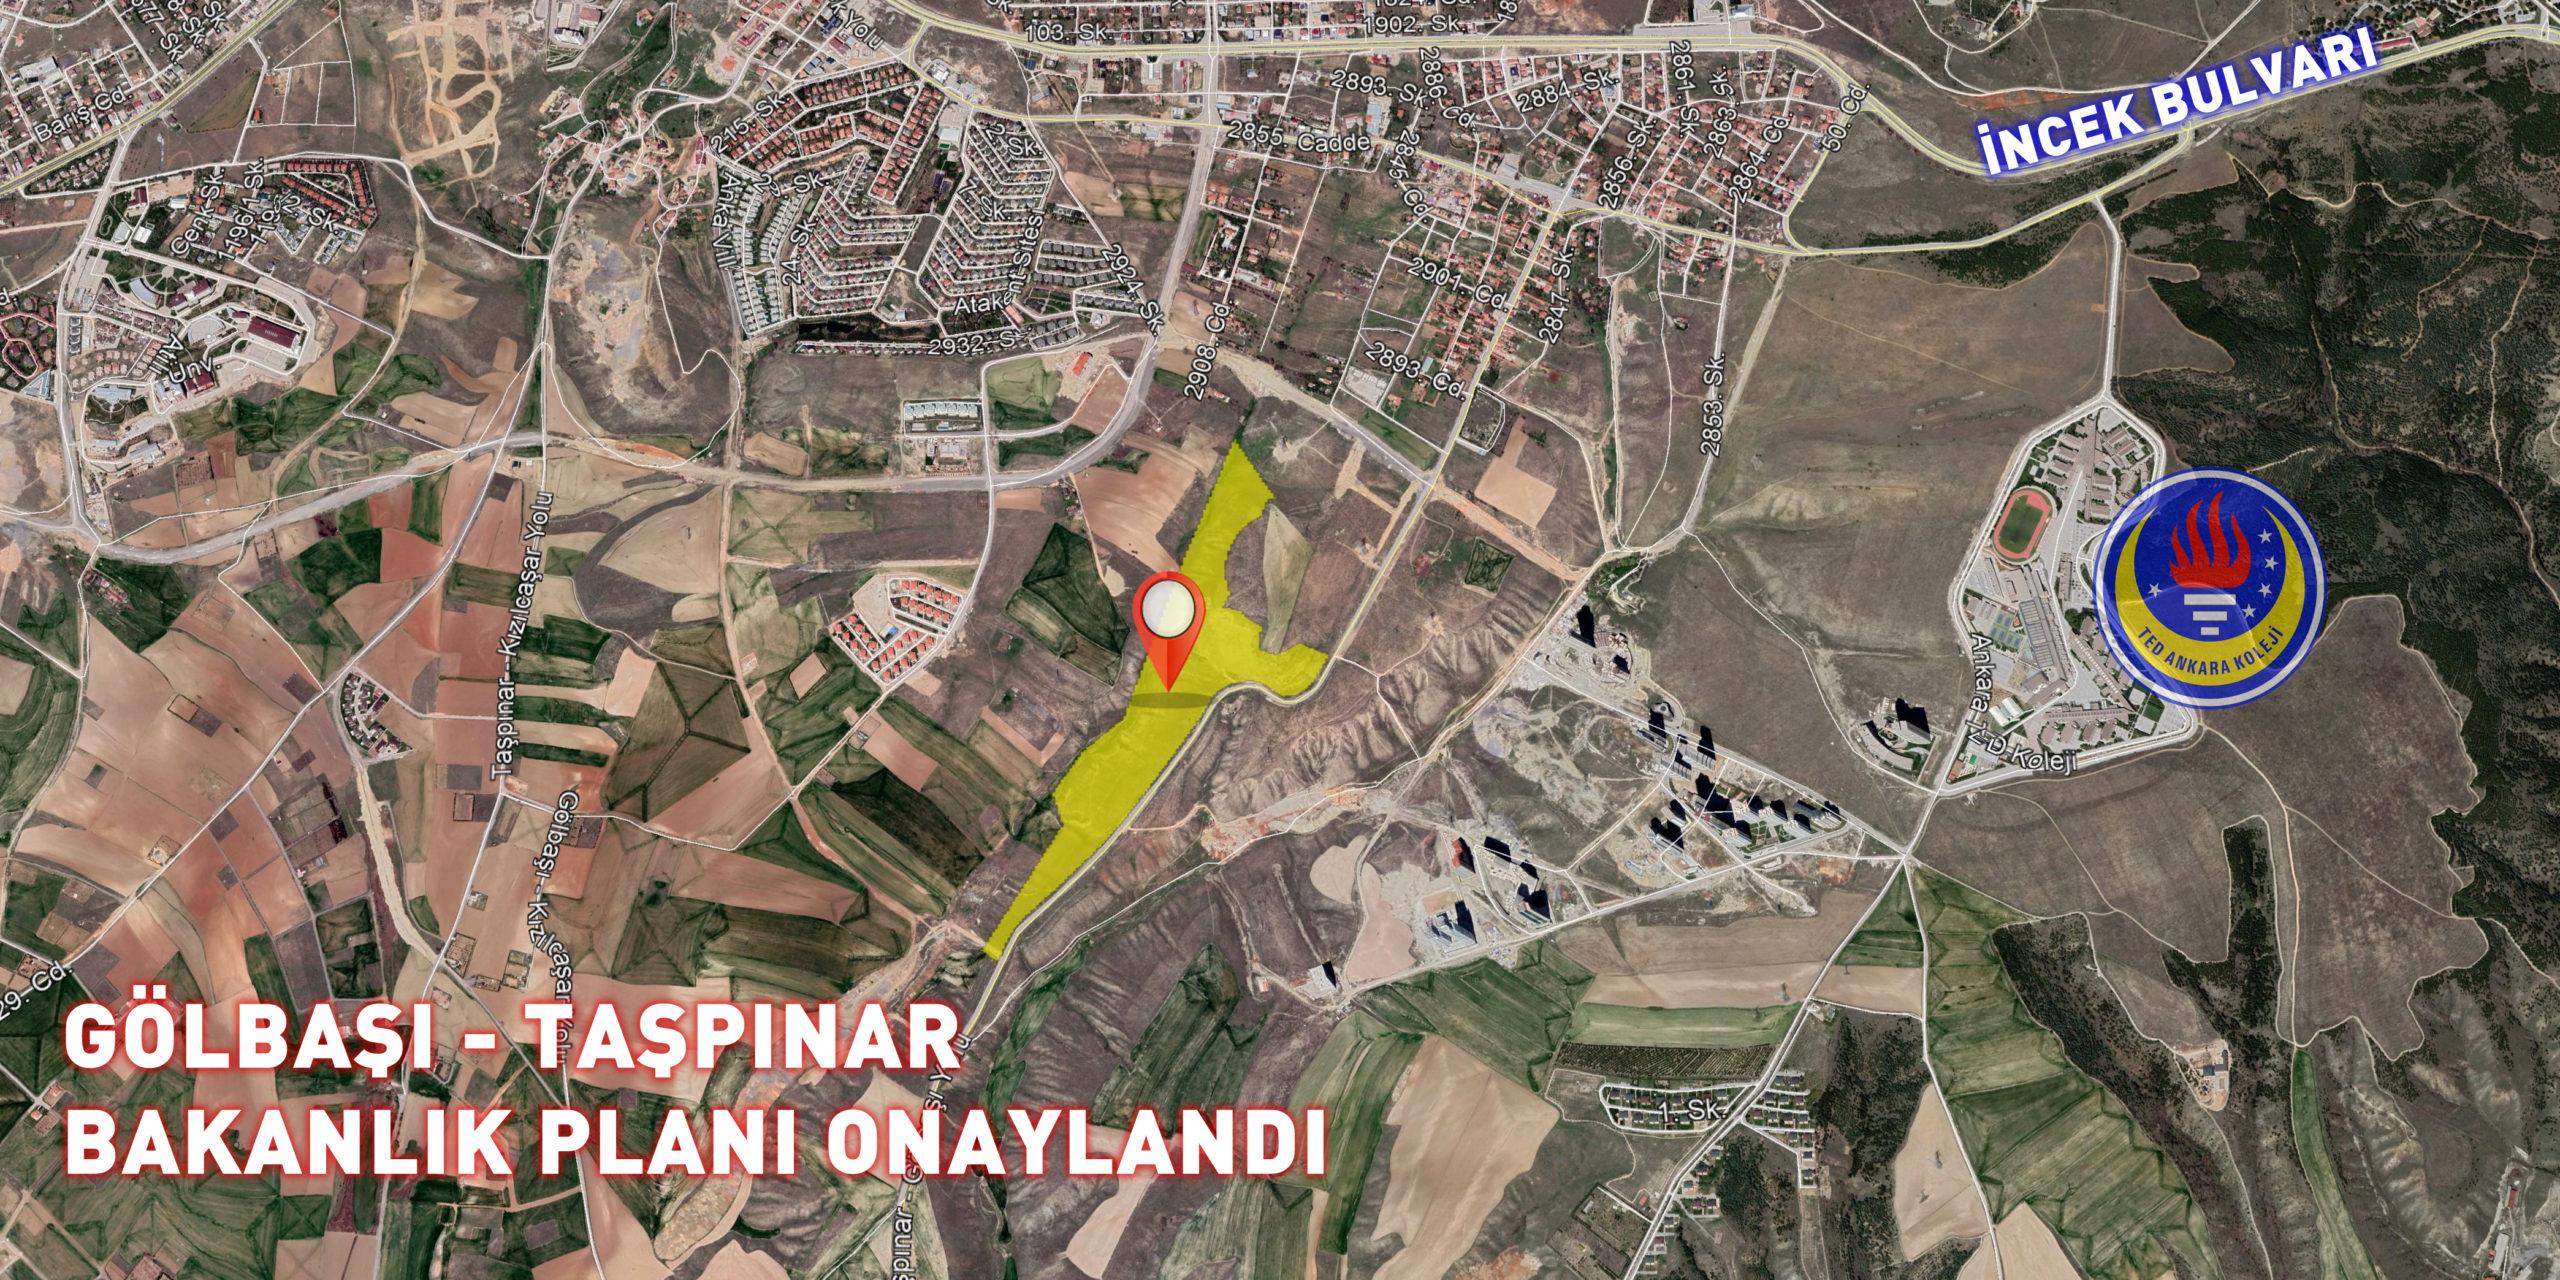 Gölbaşı, Taşpınar'da Çevre ve Şehircilik Bakanlığı Planı Onaylandı…